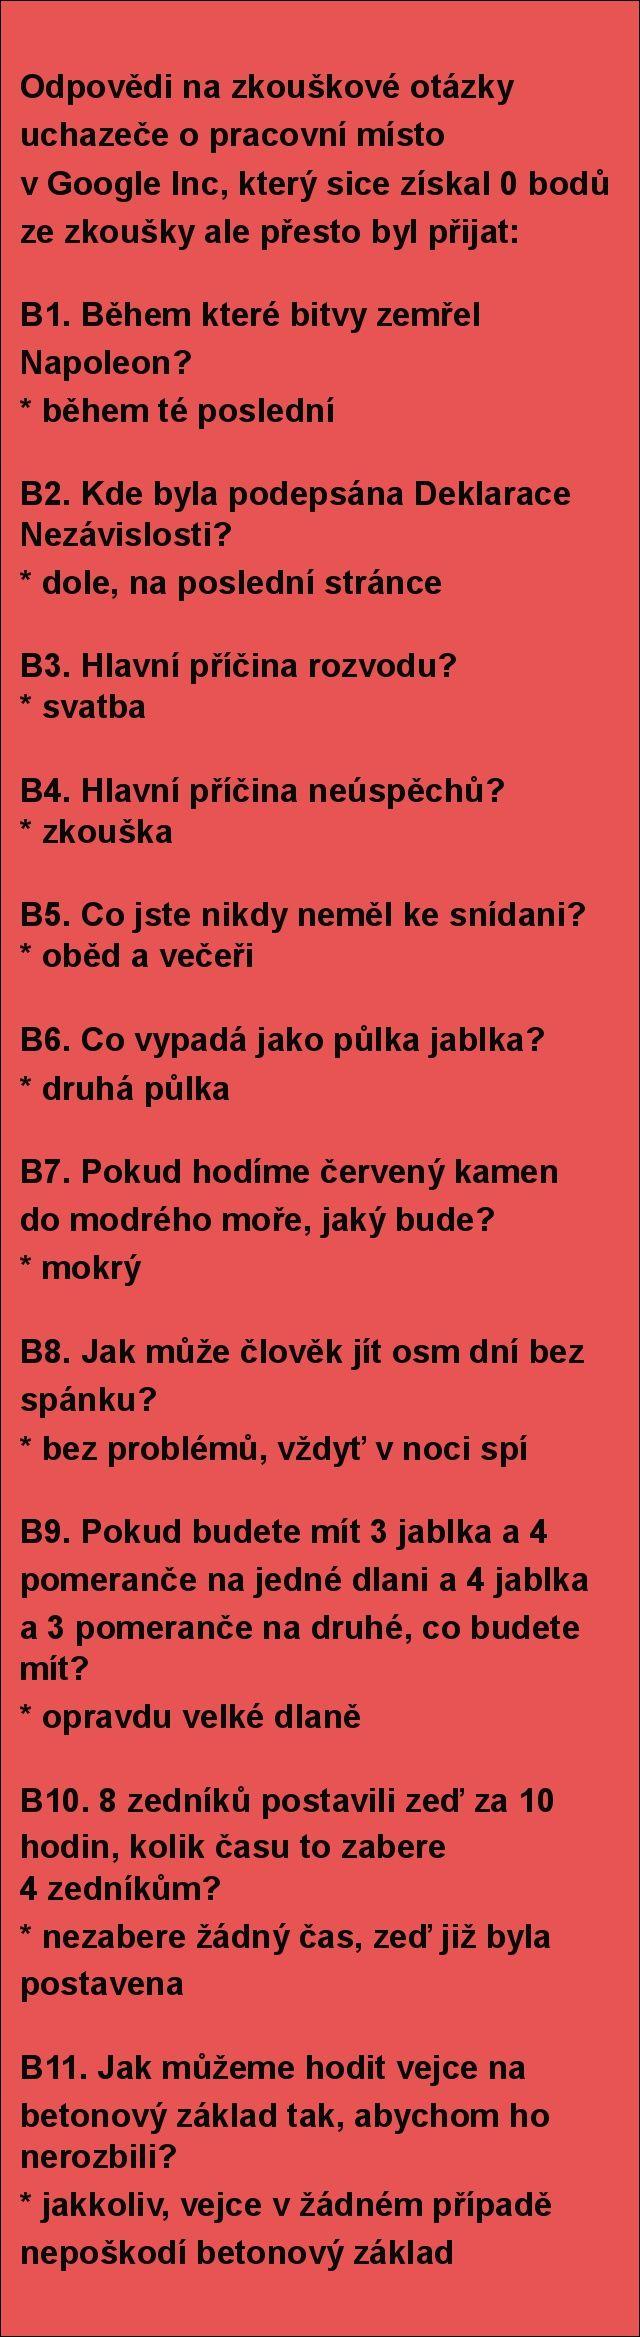 Odpovědi na zkouškové otázky uchazeče o pracovní.. | torpeda.cz - vtipné obrázky, vtipy a videa